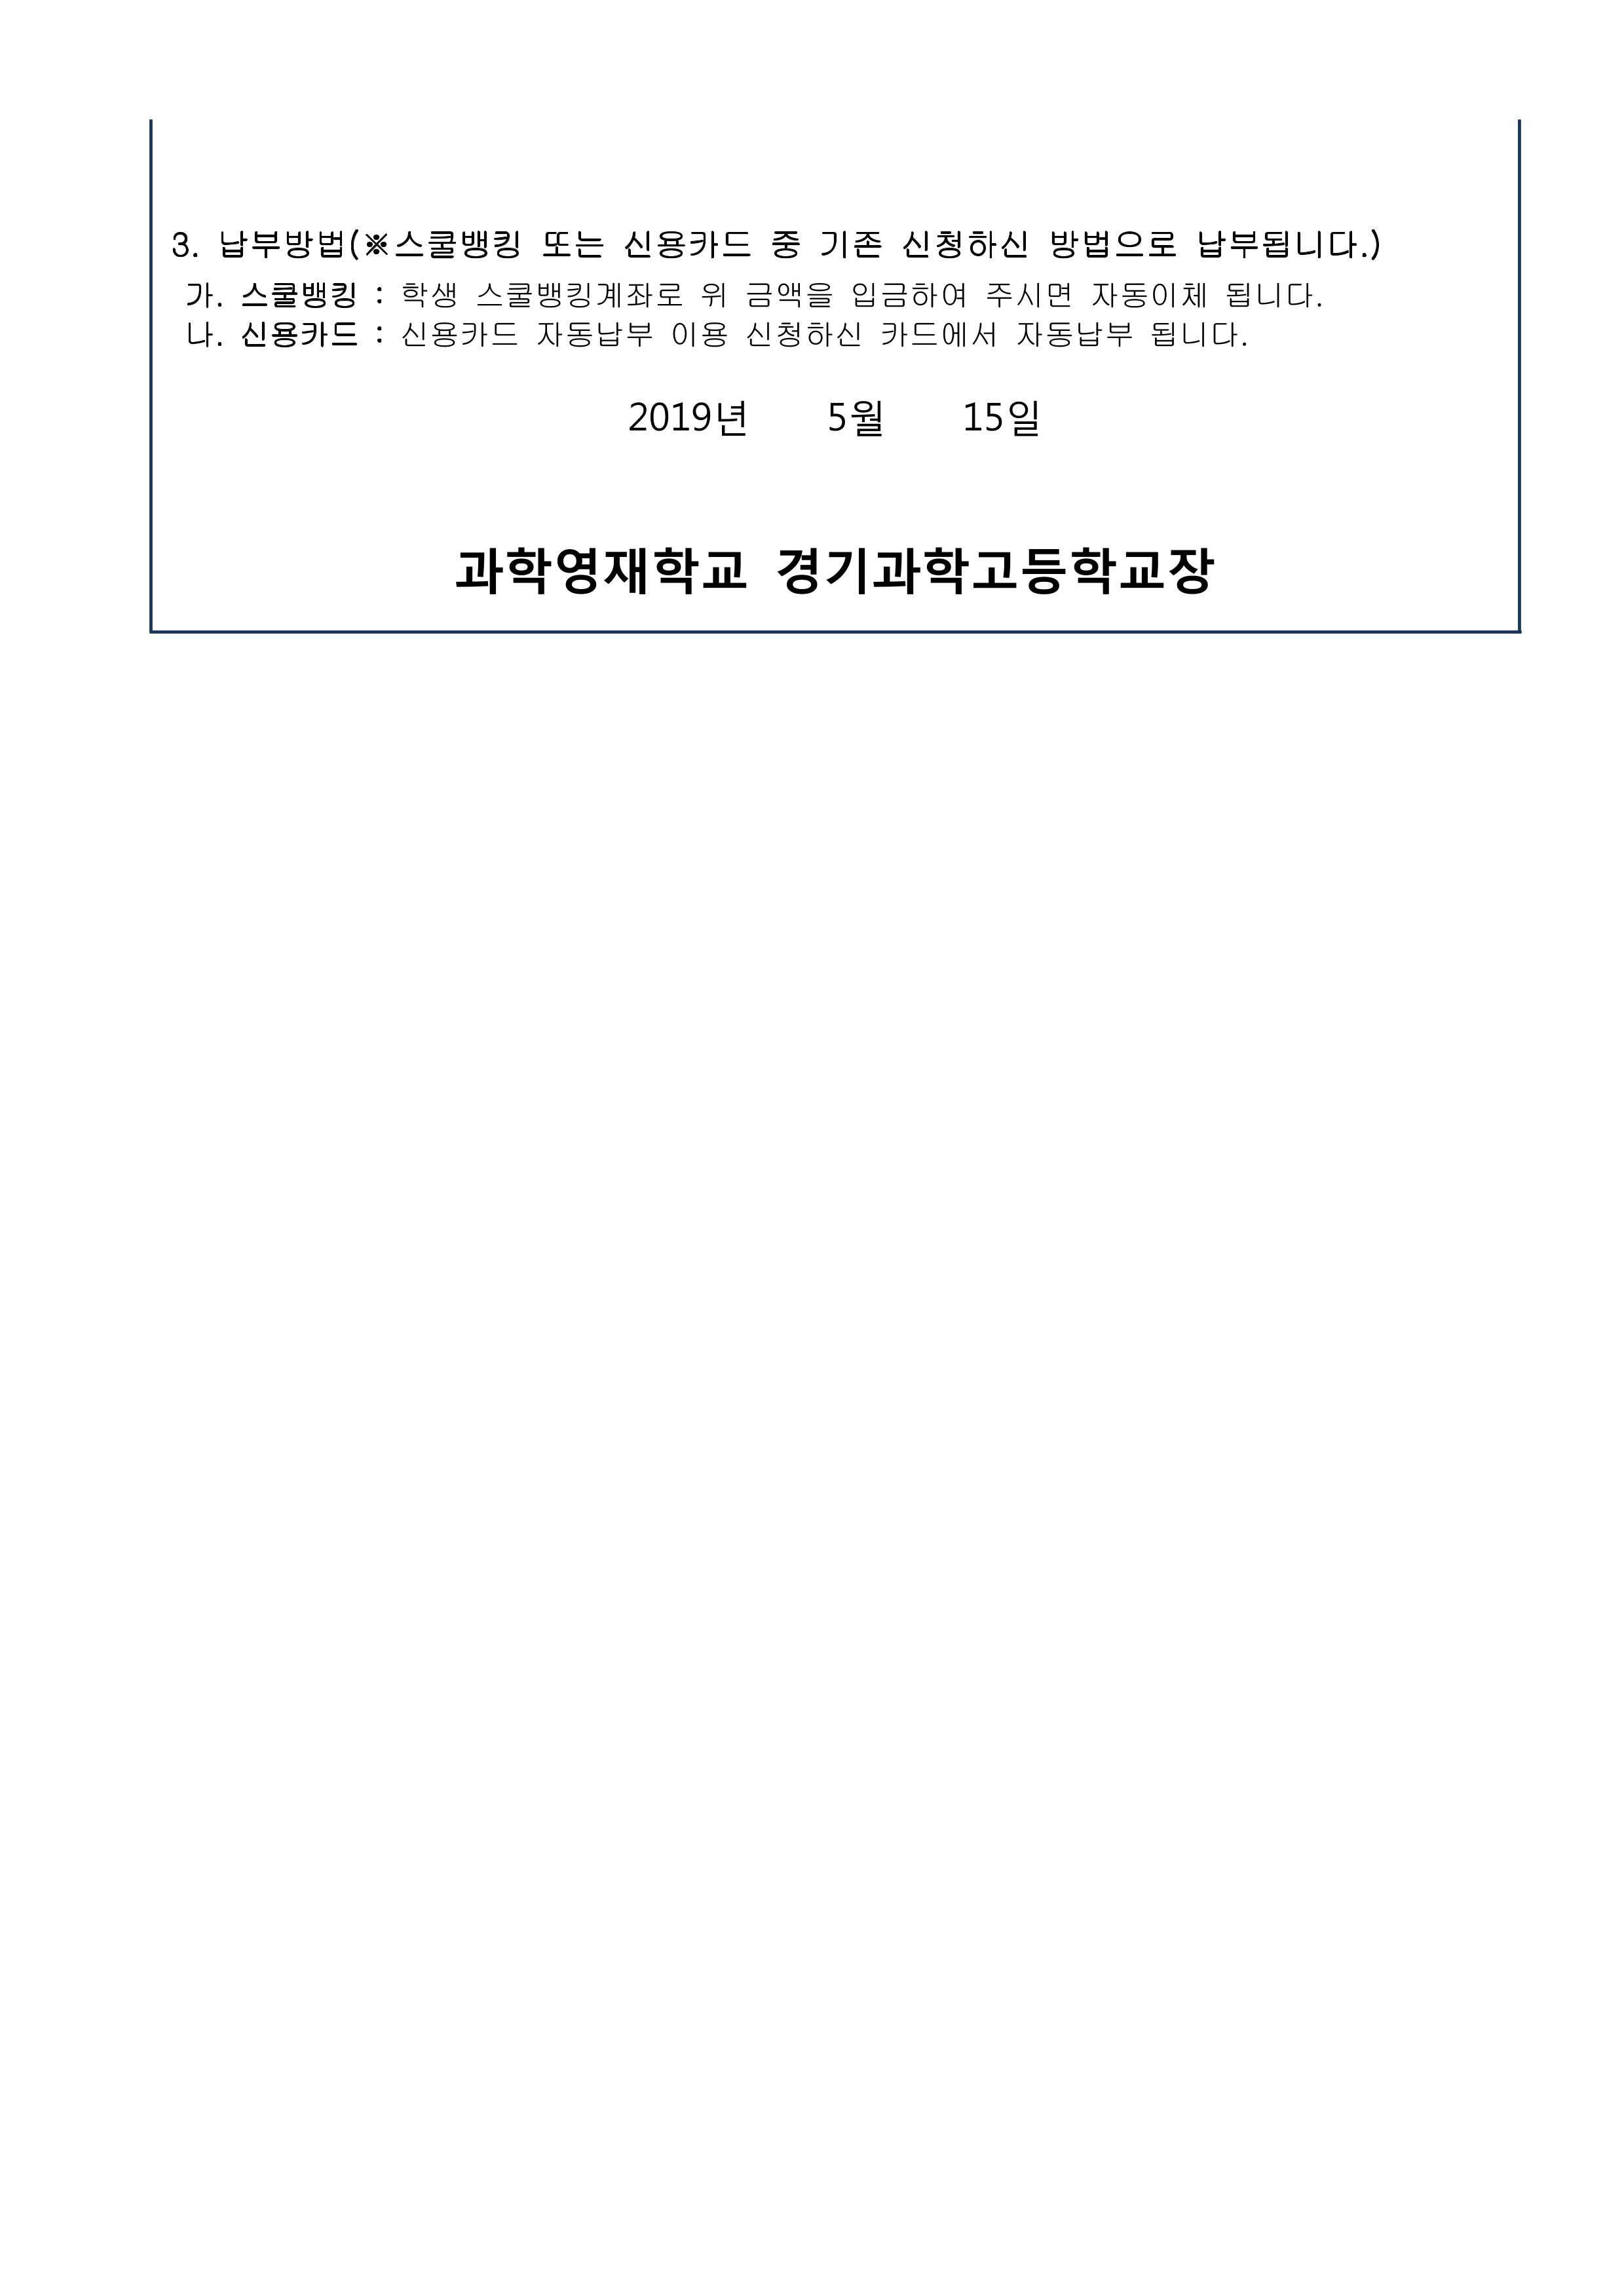 2019년 5월분 학생급식비 및 생활관비 납부고지 안내 1Page.